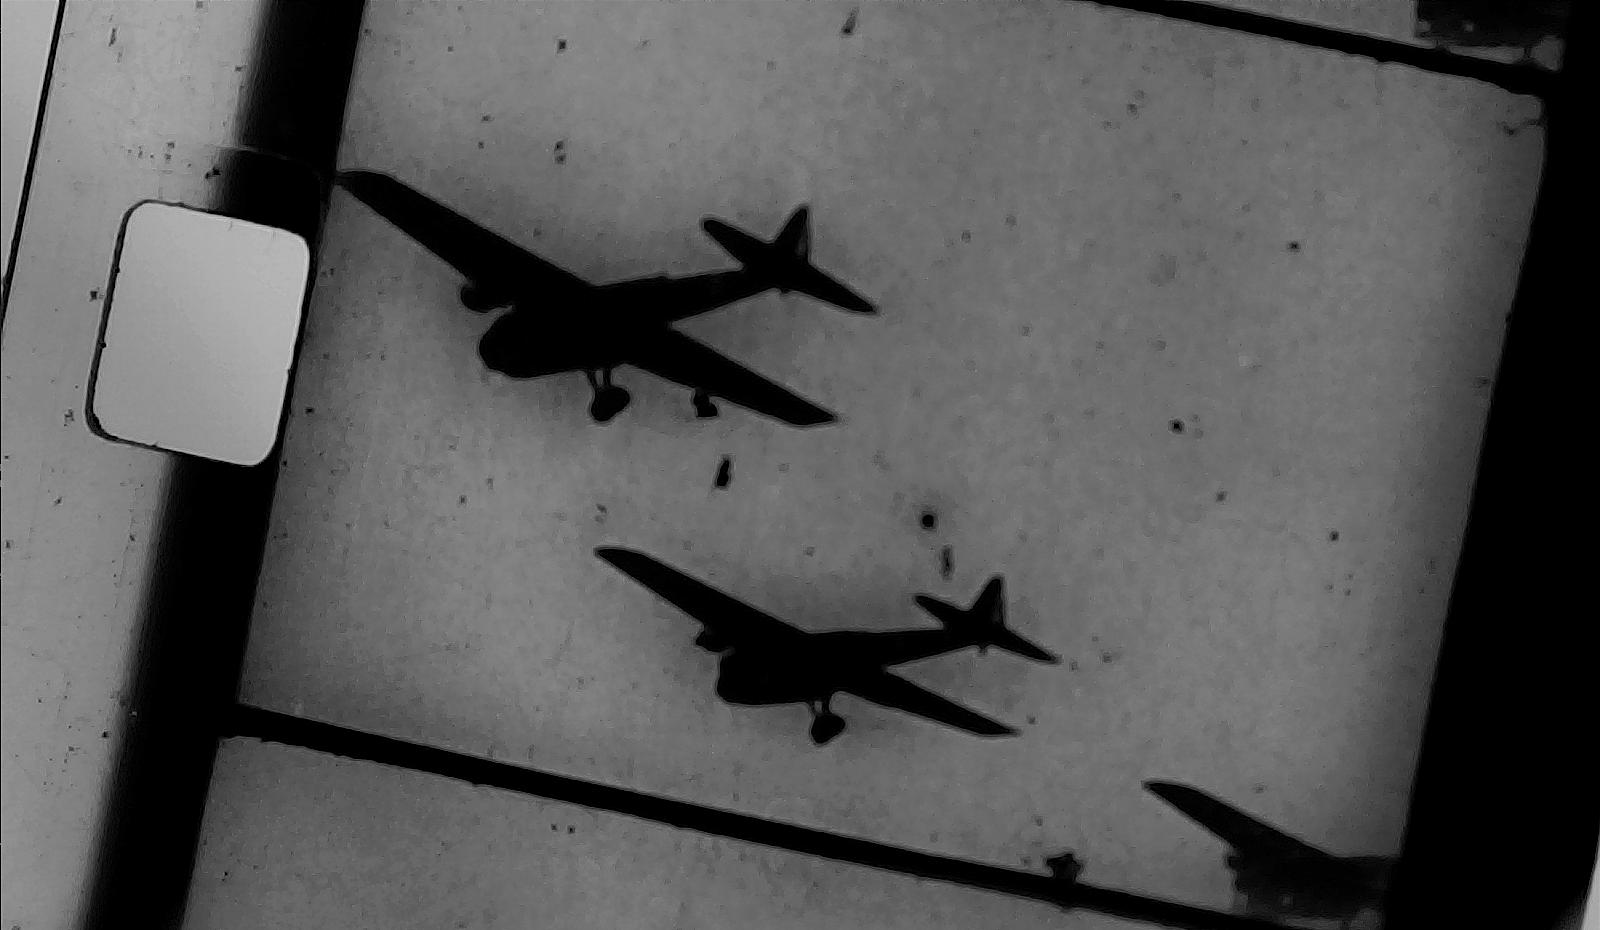 WW2 Fighter Plane Super 8mm